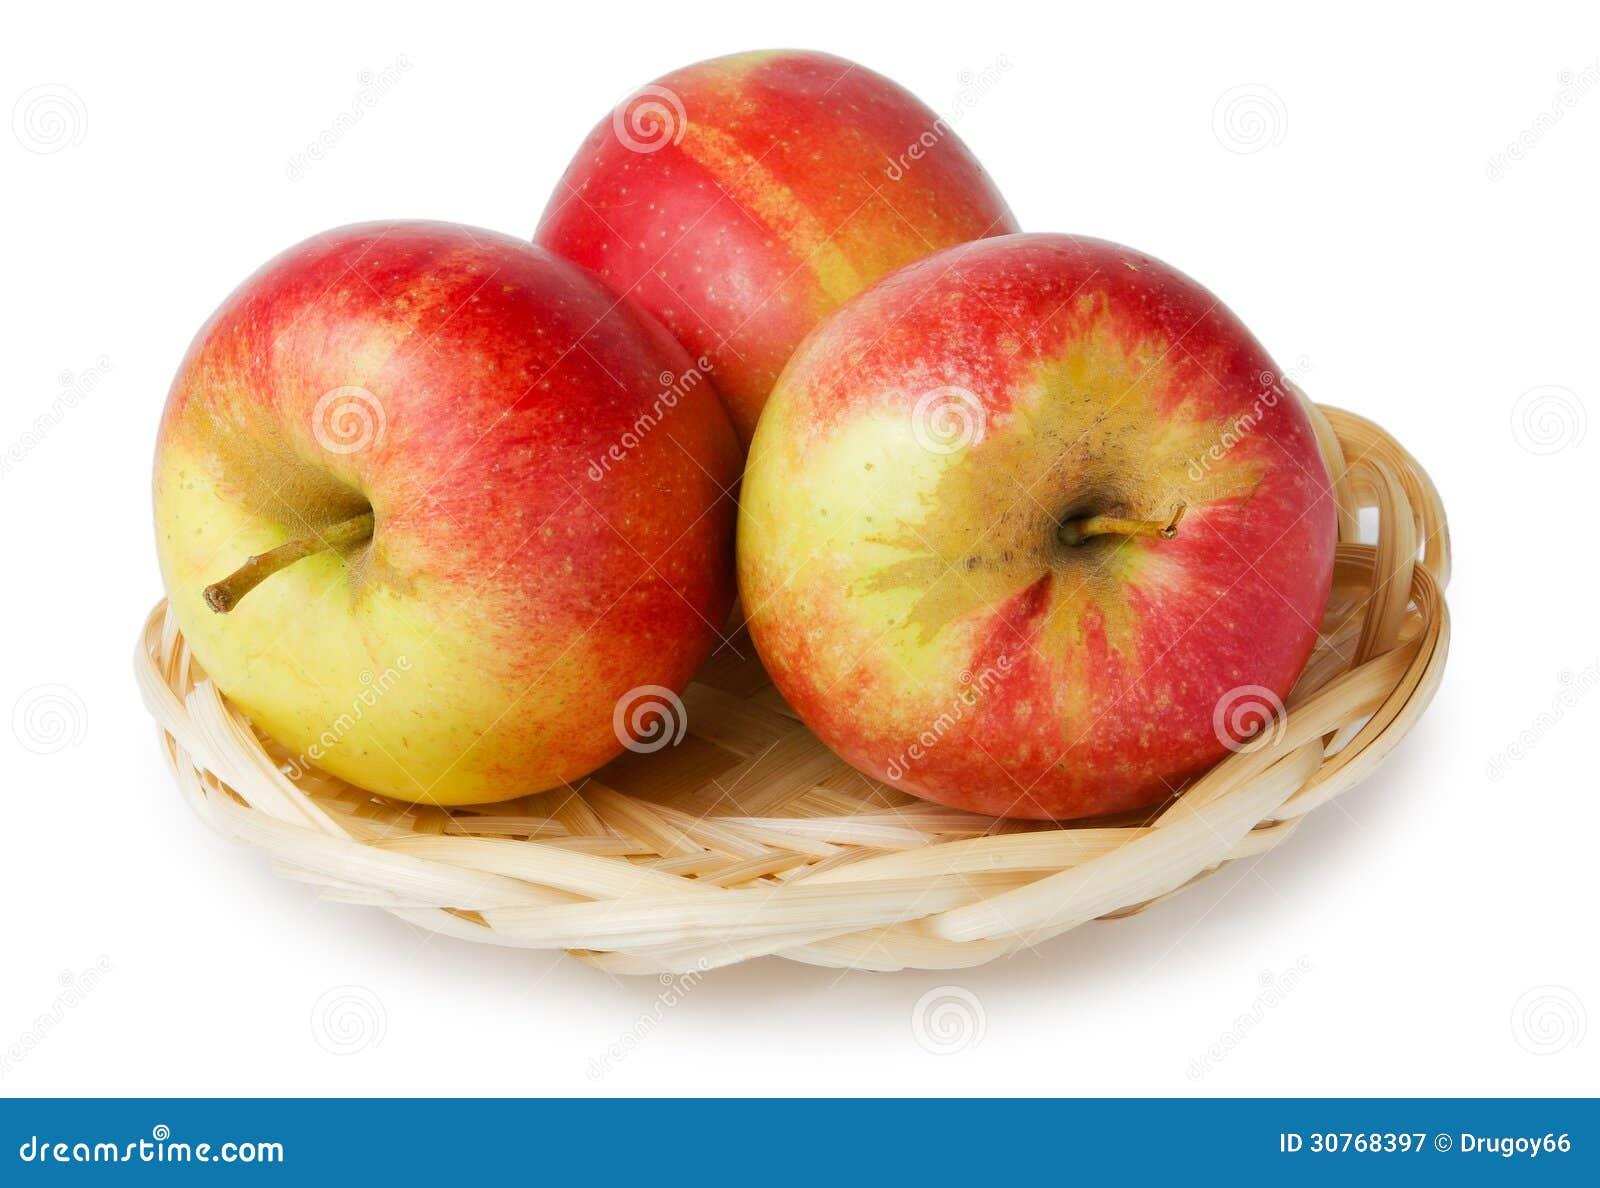 trois pommes dans un panier image stock image du panier blanc 30768397. Black Bedroom Furniture Sets. Home Design Ideas